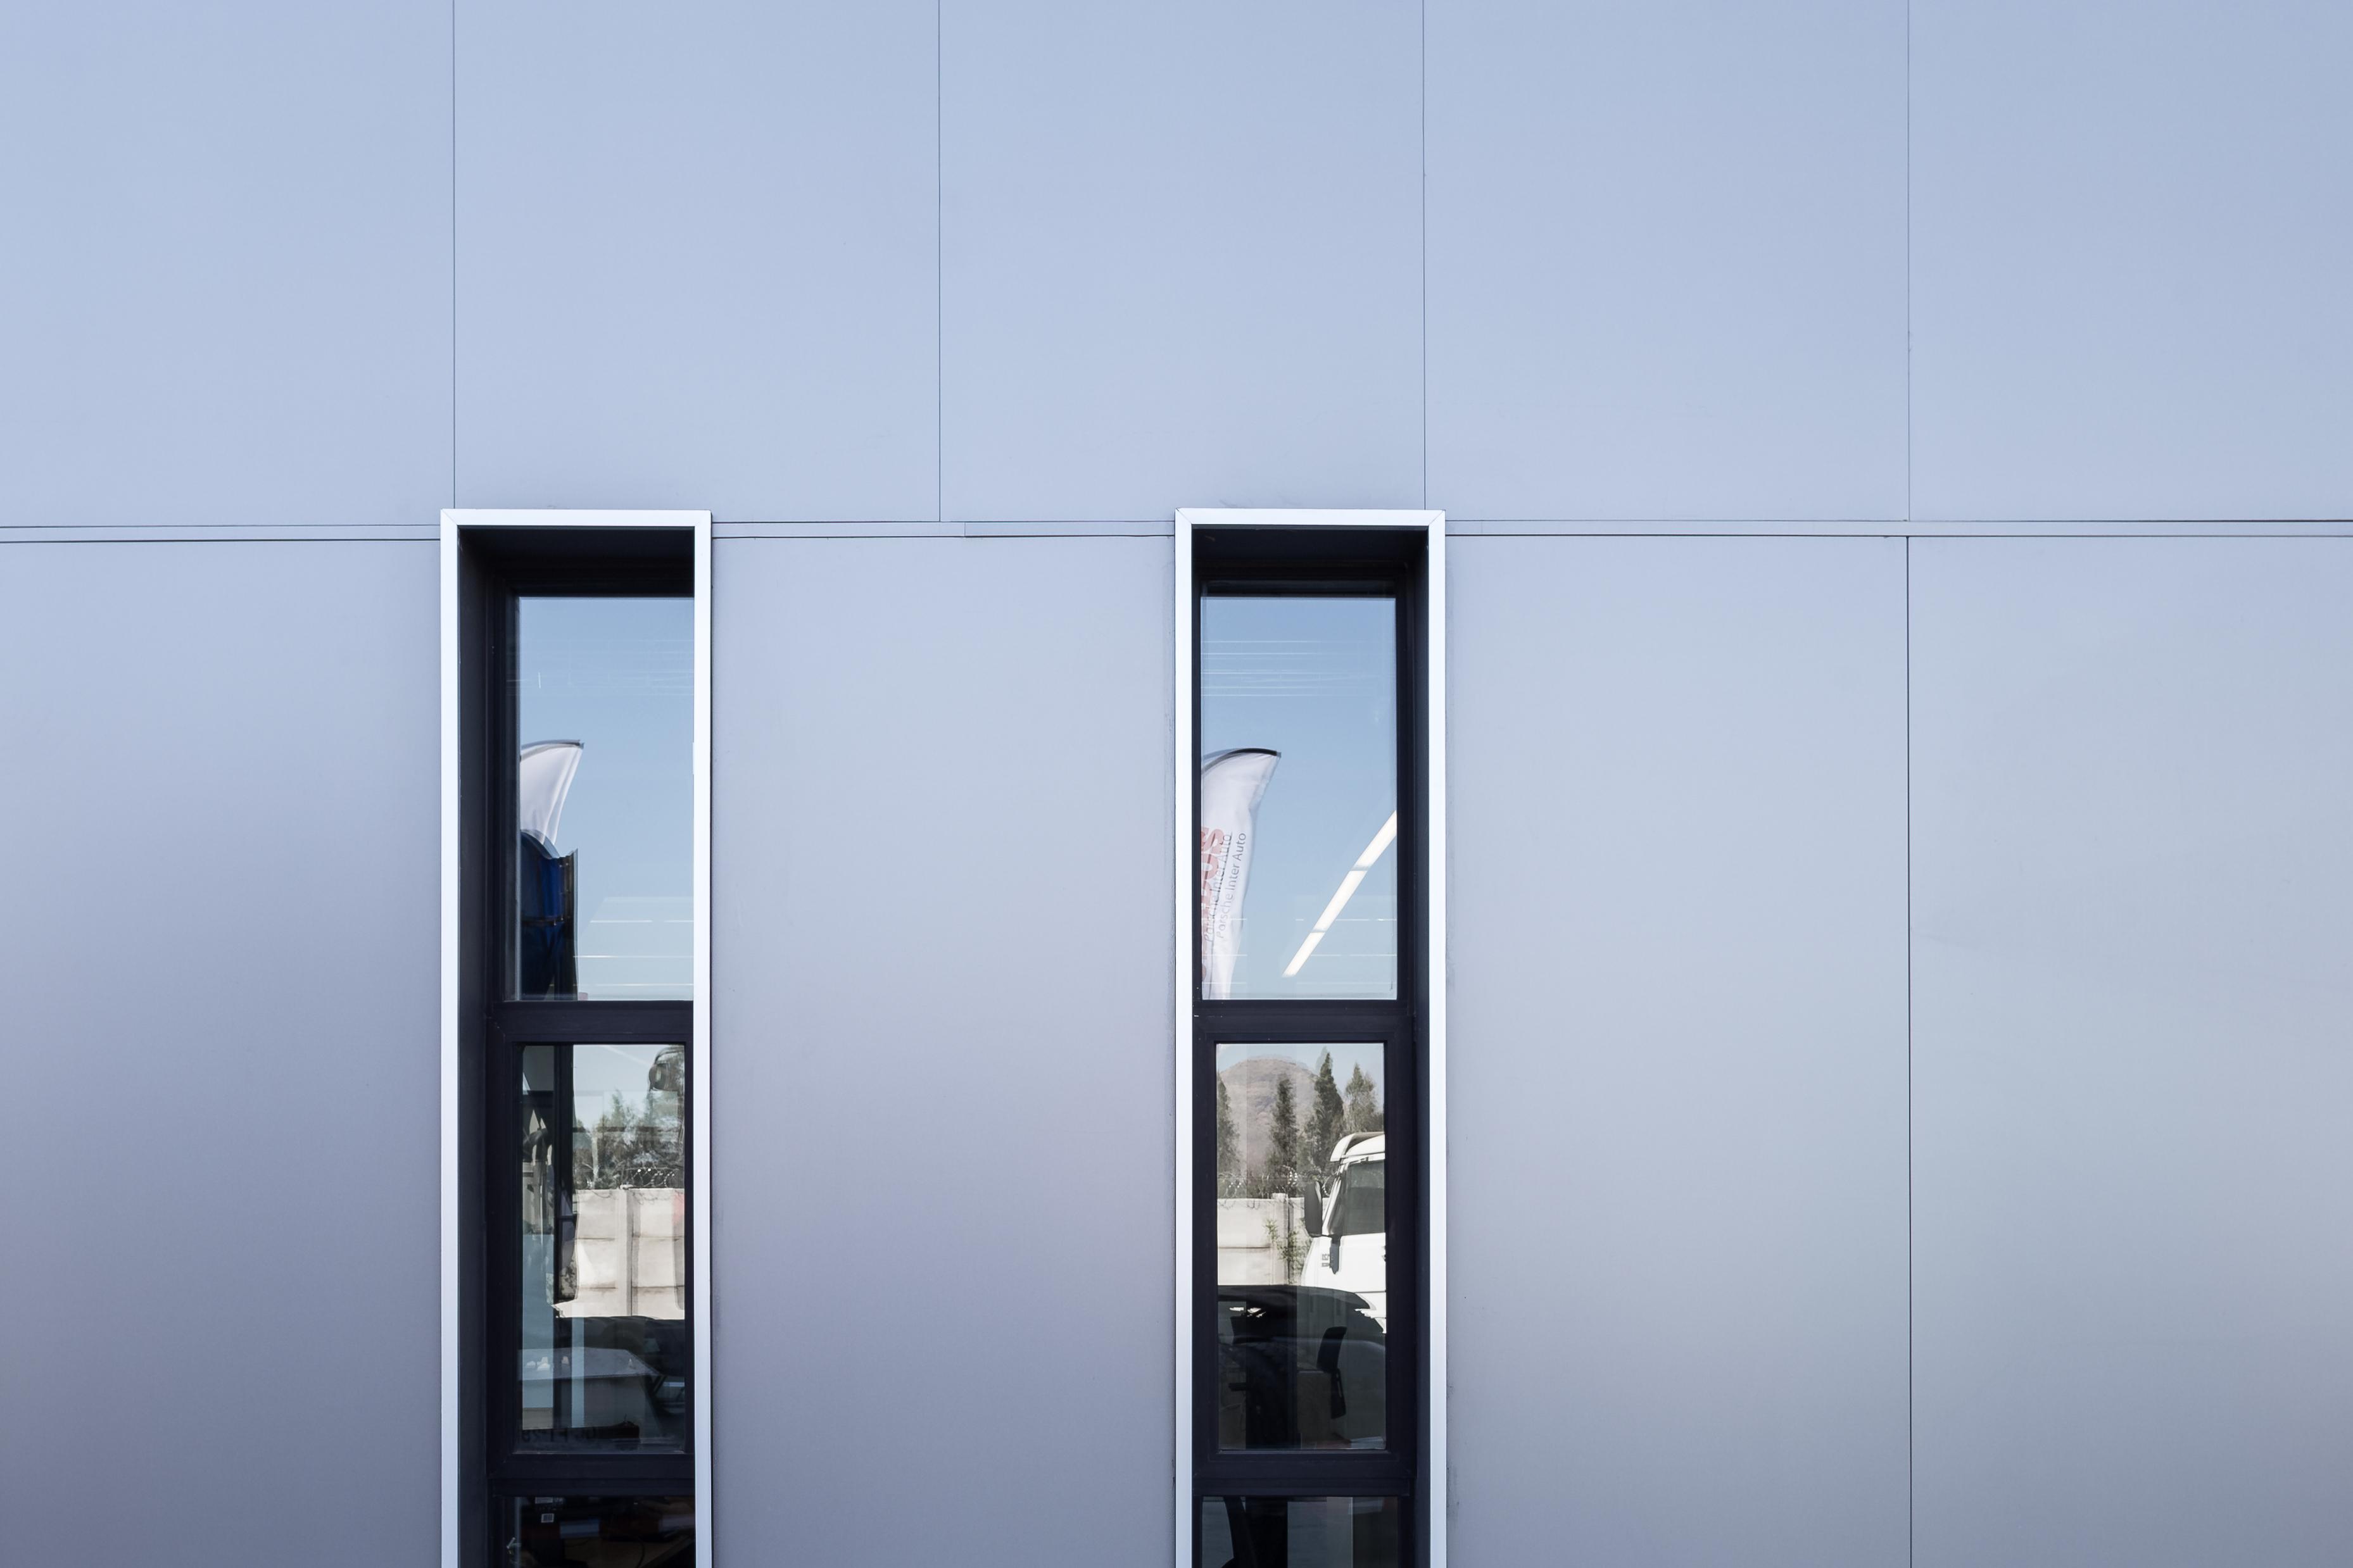 Soluciones para la arquitectura - revestimientos arquitectónicos